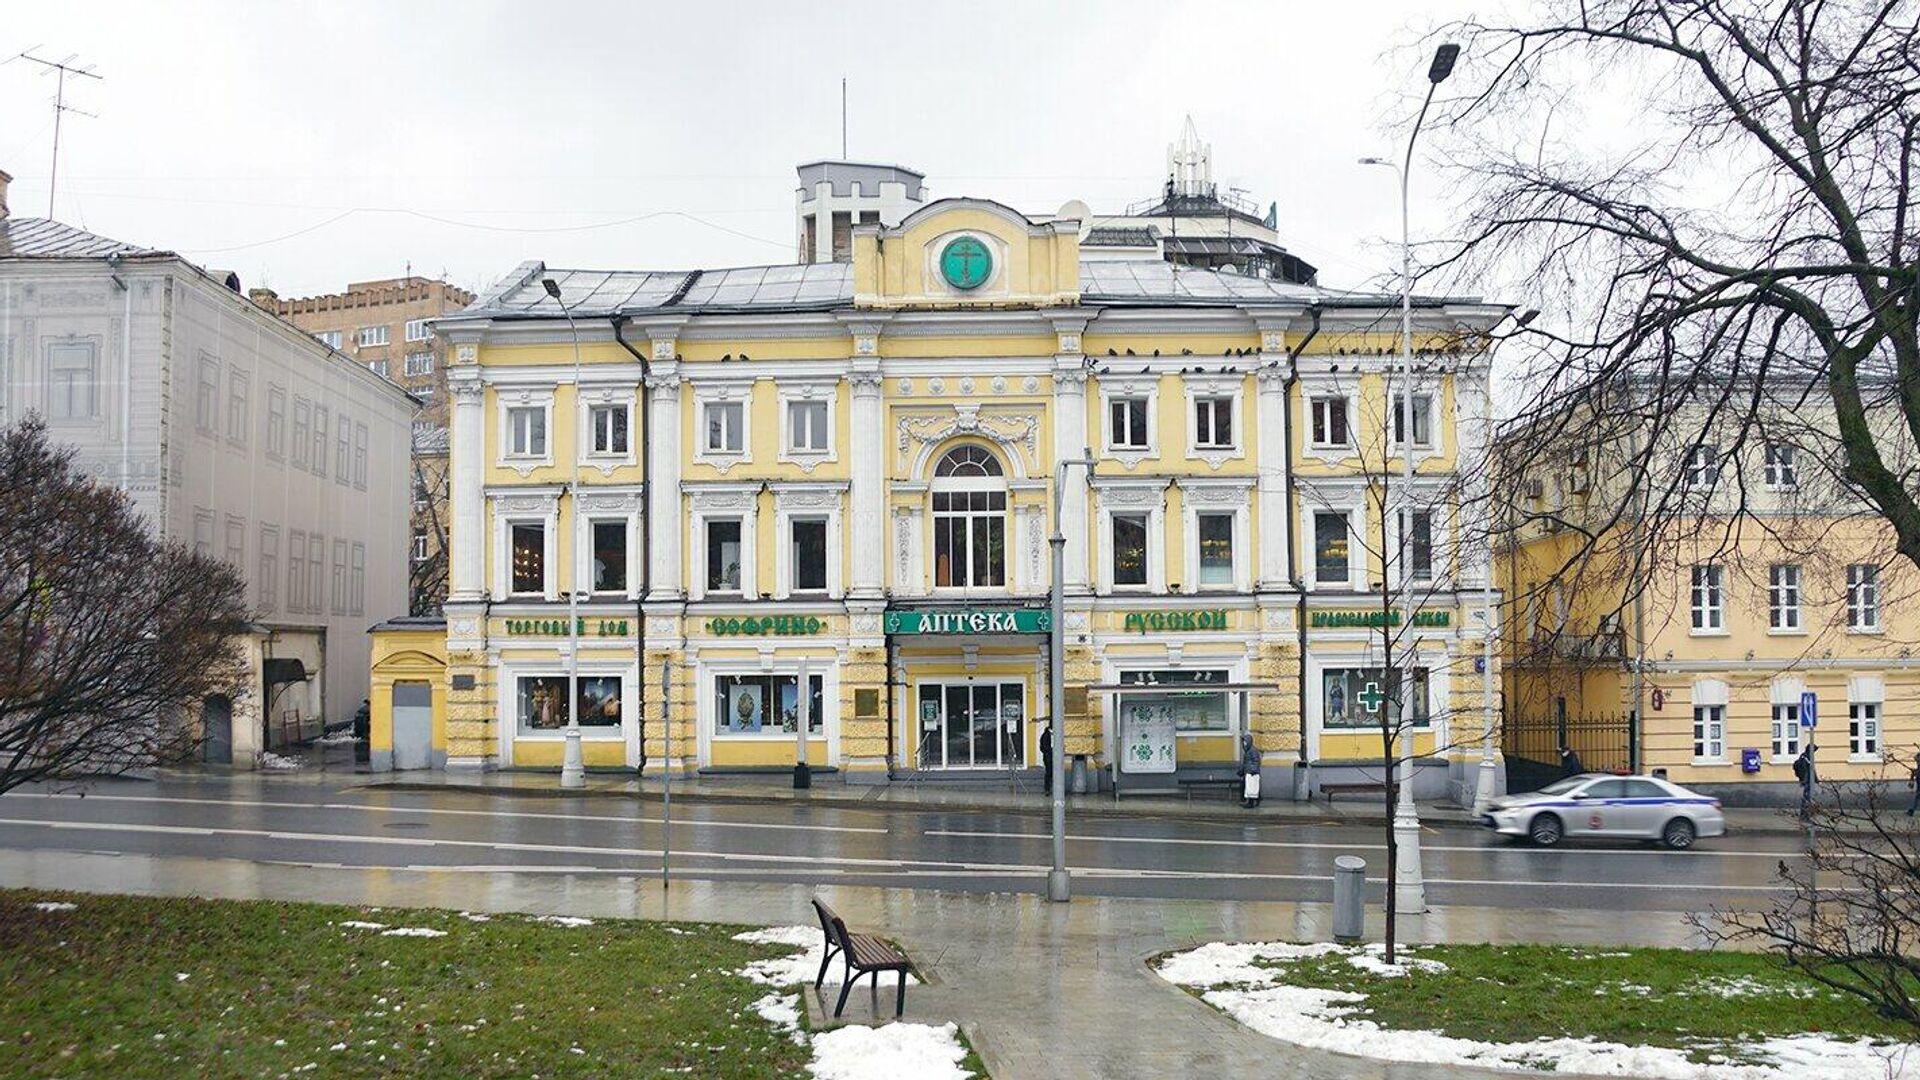 Пречистенская аптека в Москве - РИА Новости, 1920, 02.02.2021